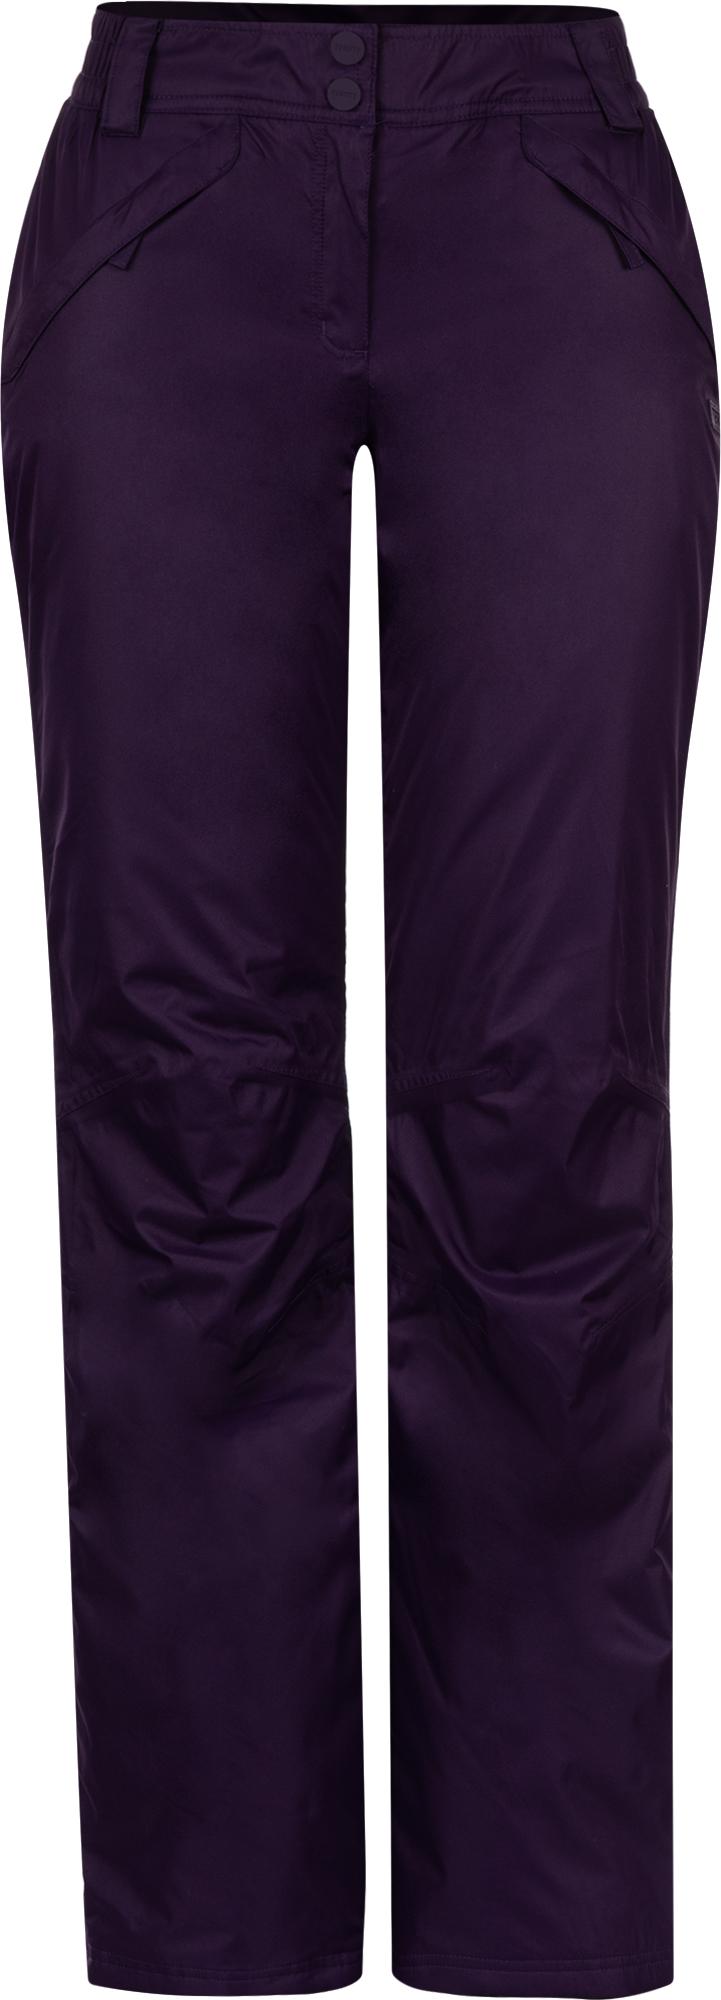 Termit Брюки утепленные женские Termit, размер 50 брюки утепленные женские termit women s trousers цвет черный a19atepaw08 99 размер xl 50